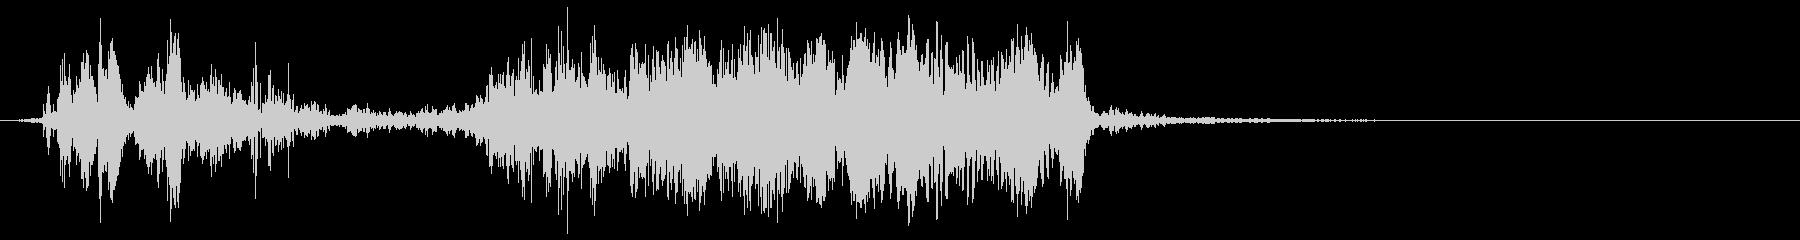 薄い文字化けスイープの未再生の波形